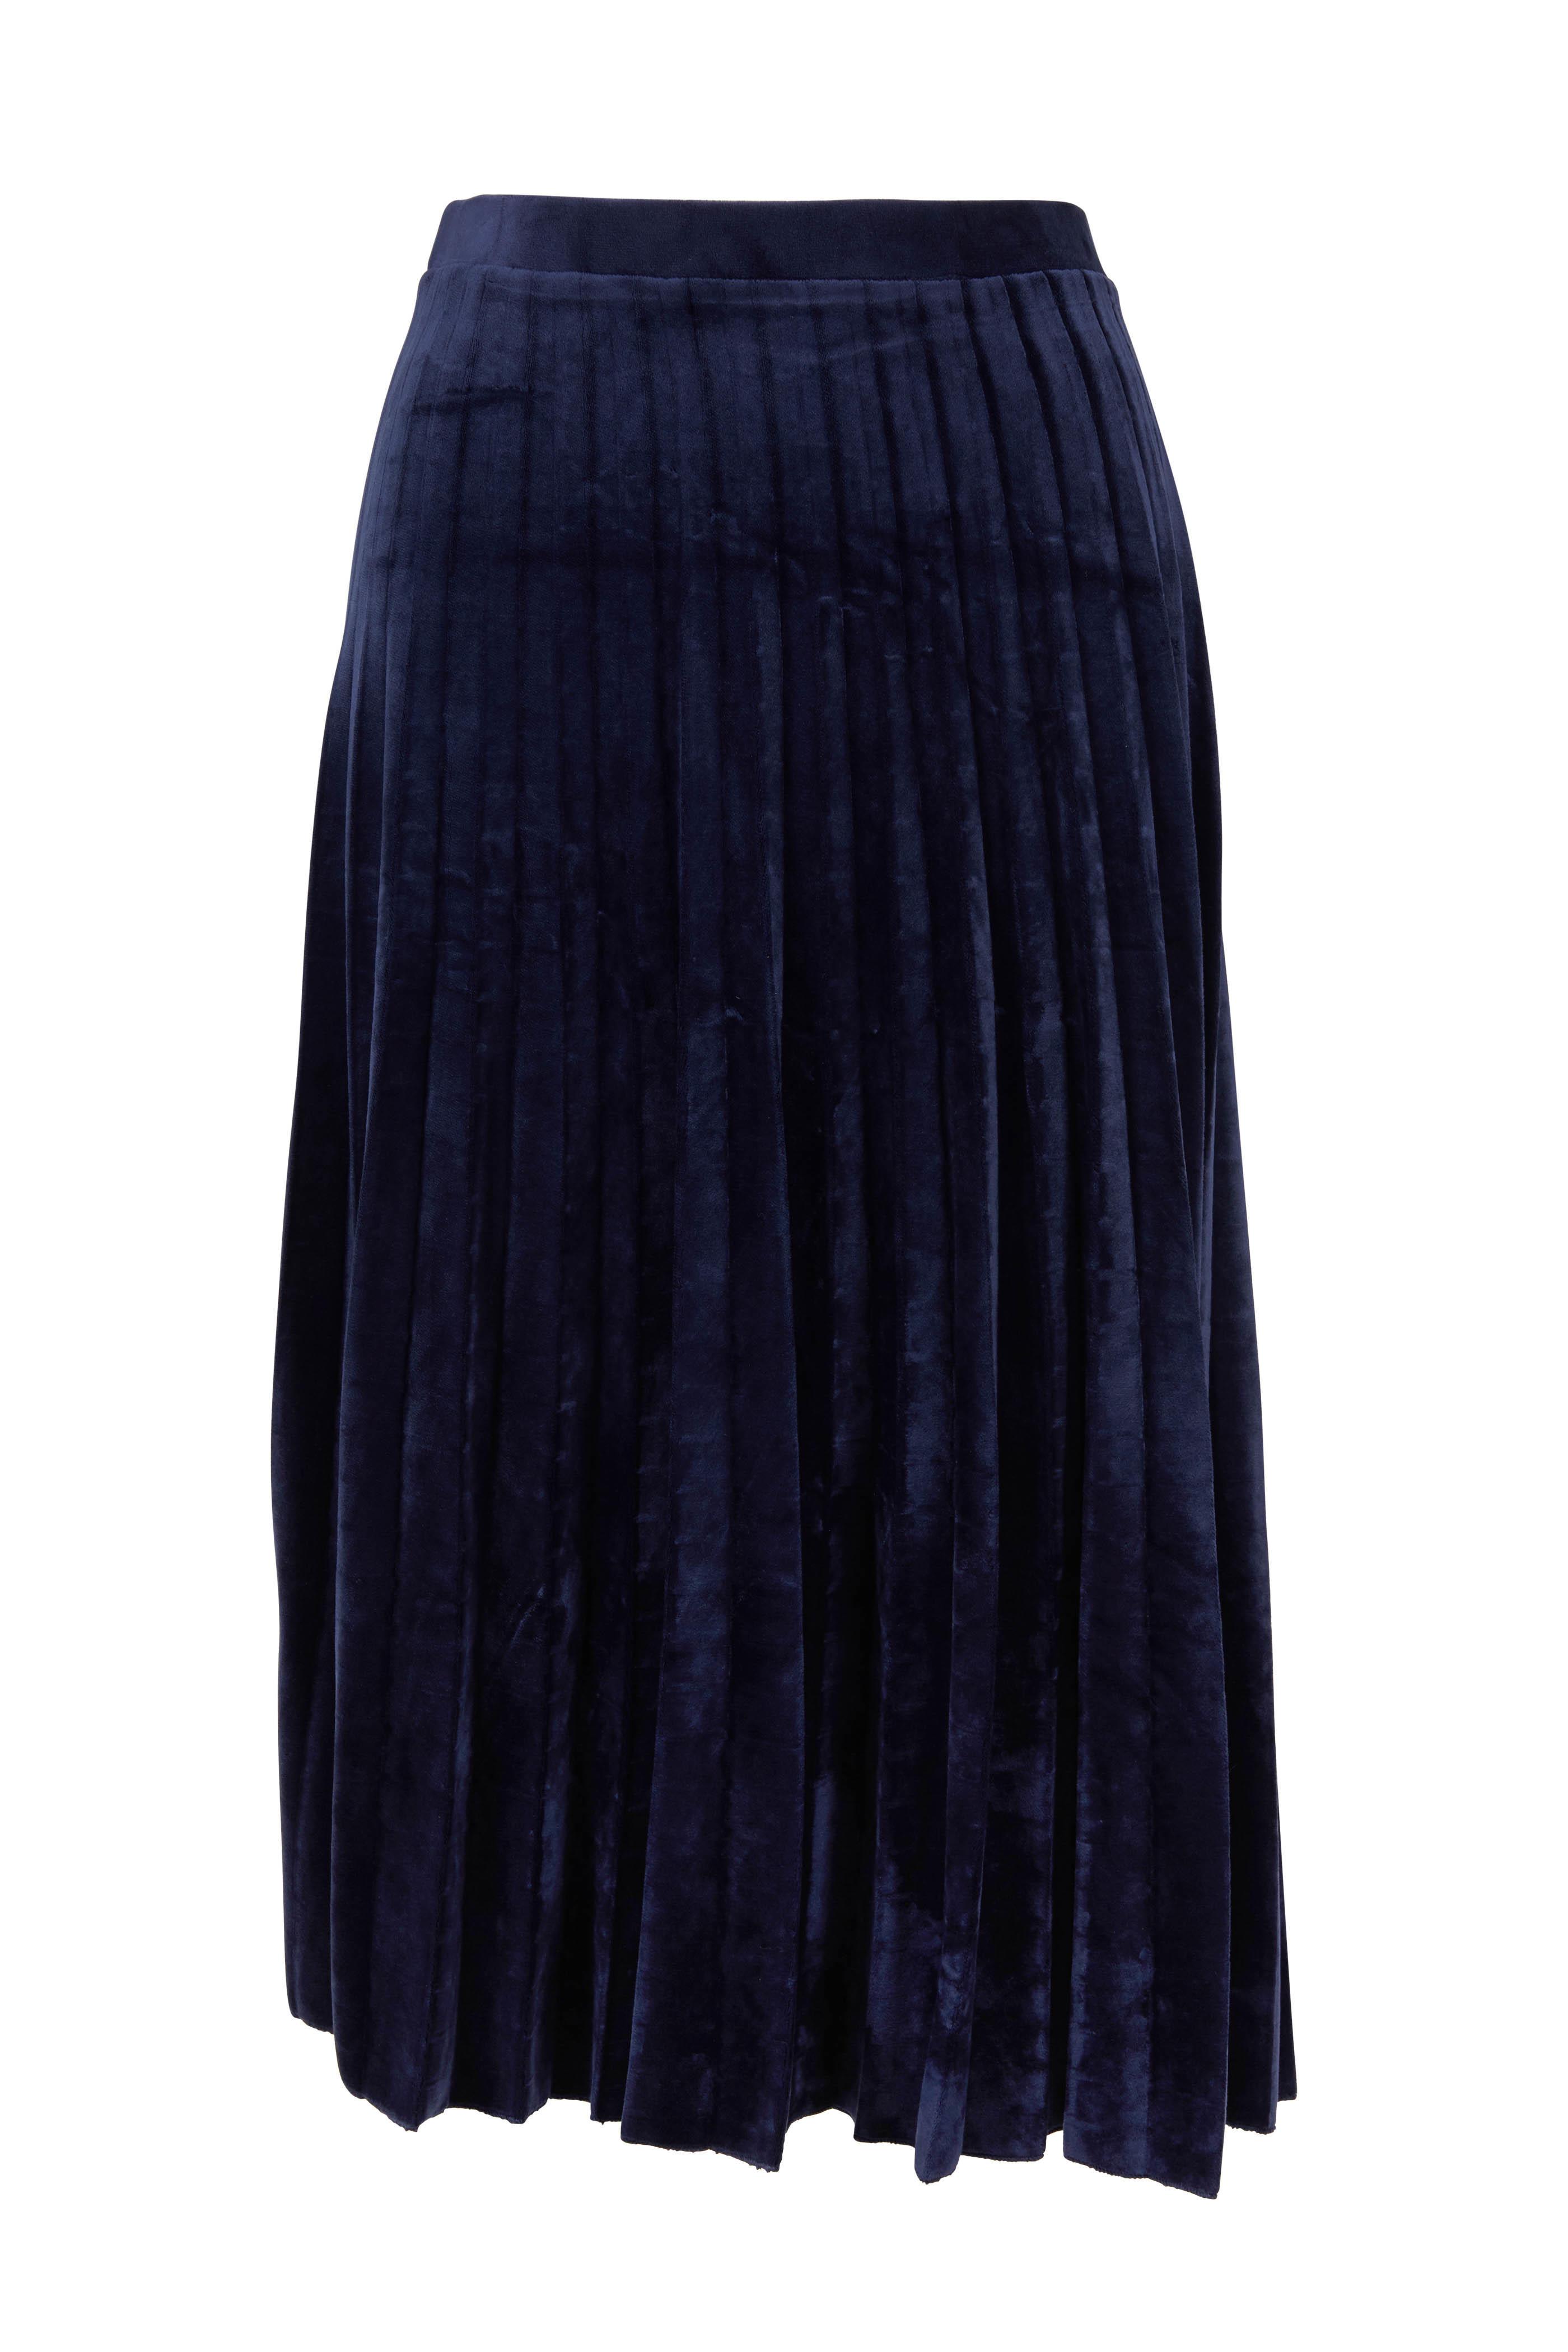 D Exterior Navy Blue Velvet Pleated Midi Skirt Mitchell Stores